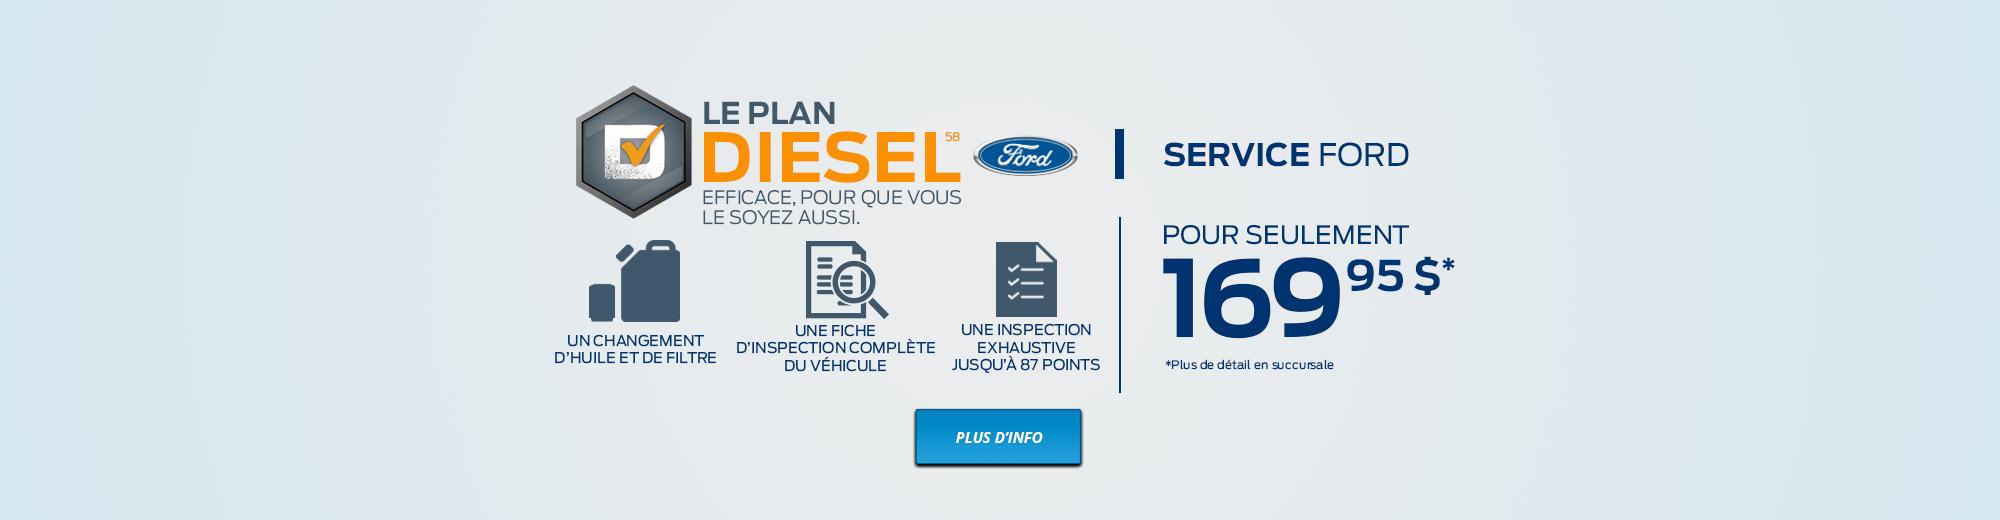 Le Plan Diesel. Efficace, pour que vous le soyez aussi.